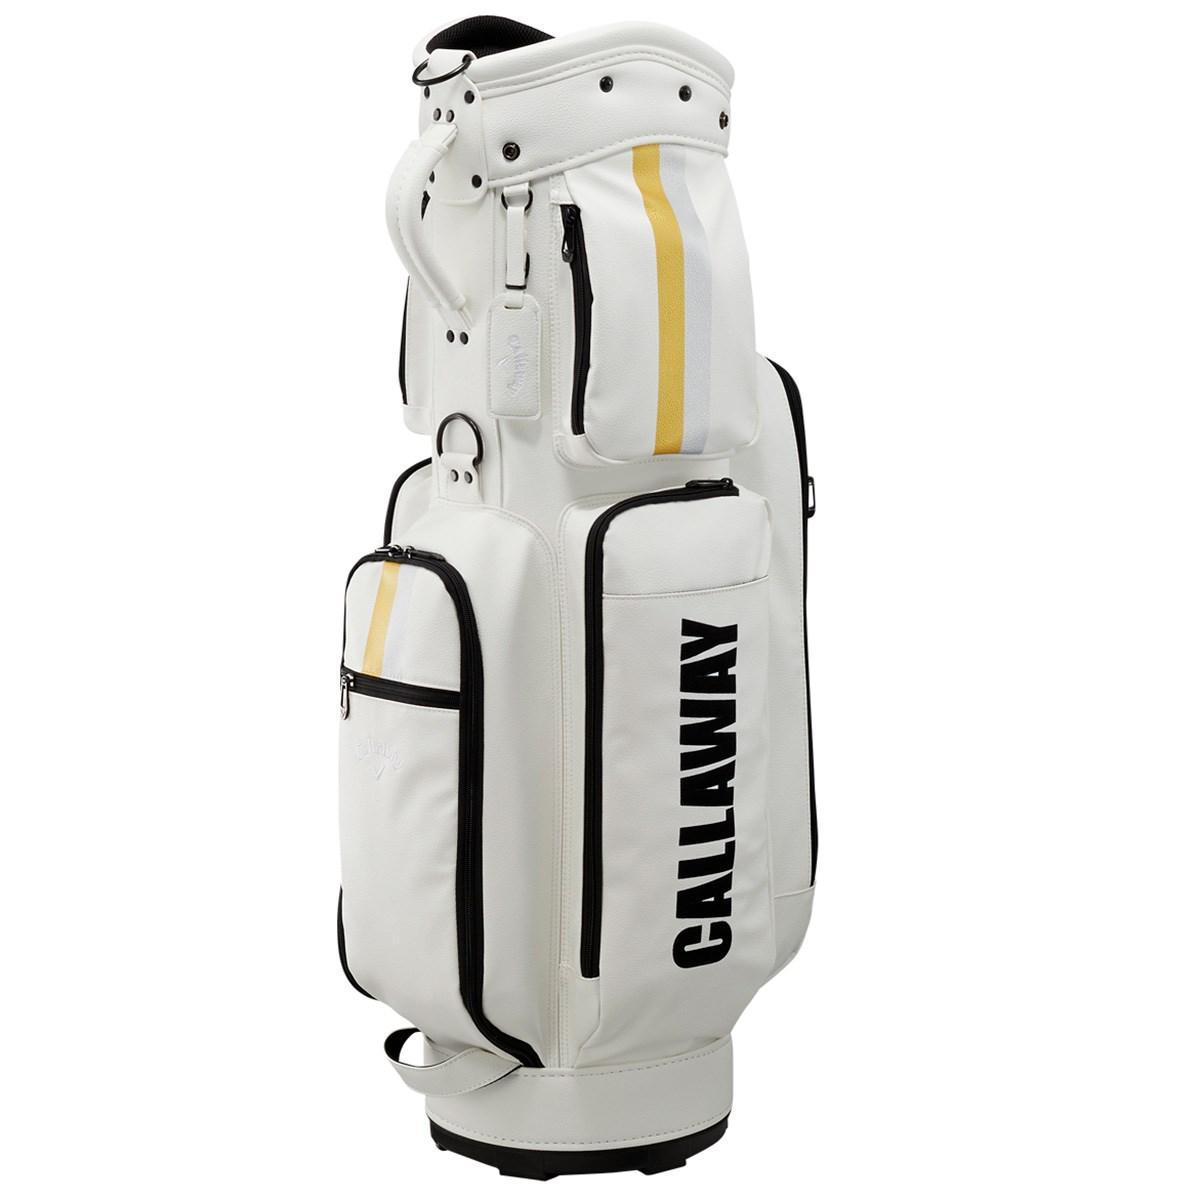 キャロウェイゴルフ(Callaway Golf) SPL-II キャディバッグ JM